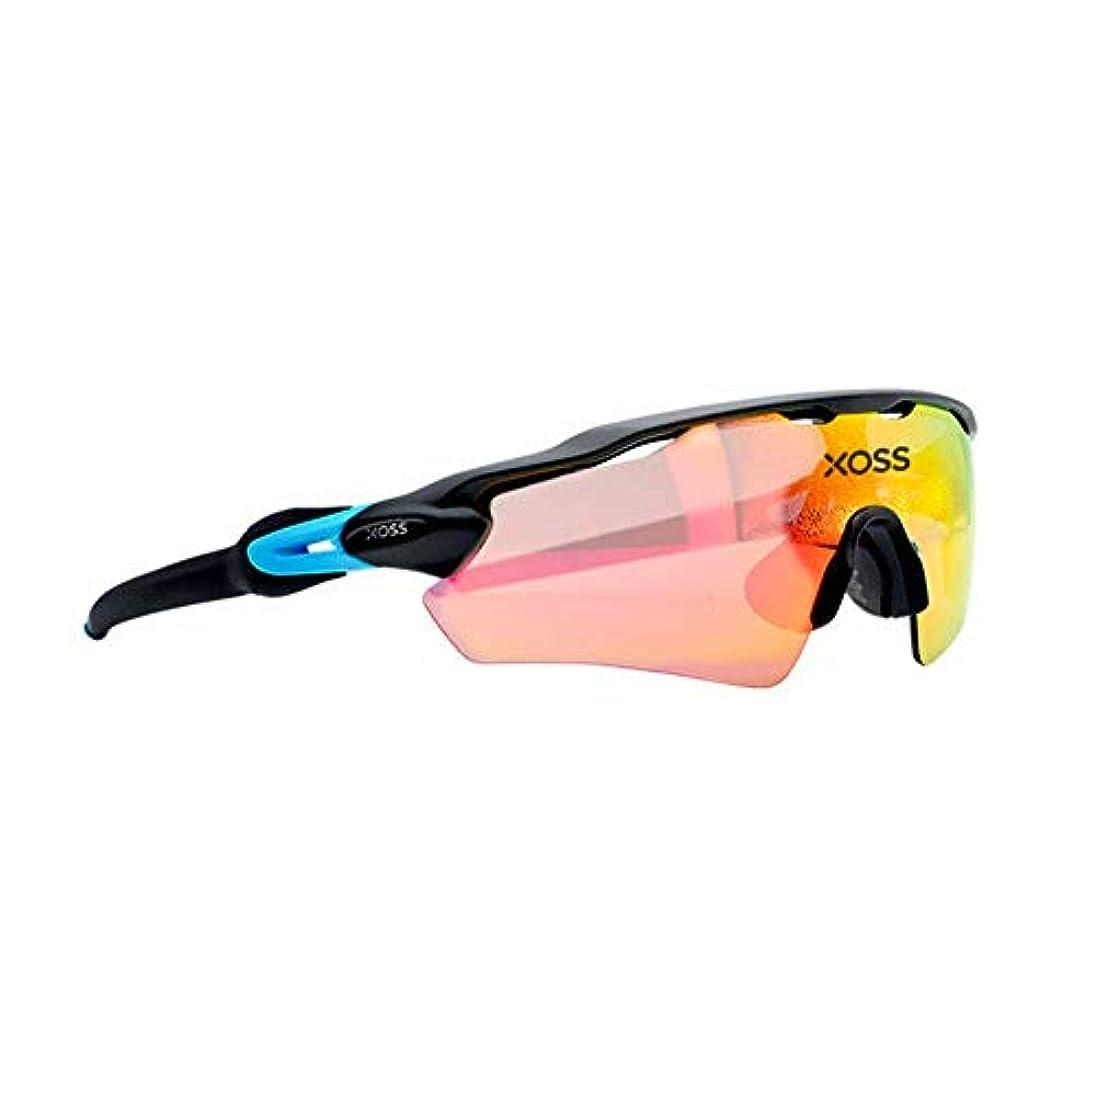 バトル真面目な口実XOSS REVOサングラス スポーツ サイクリング ライディング ランニング 山登り 競輪用 自転車 軽量